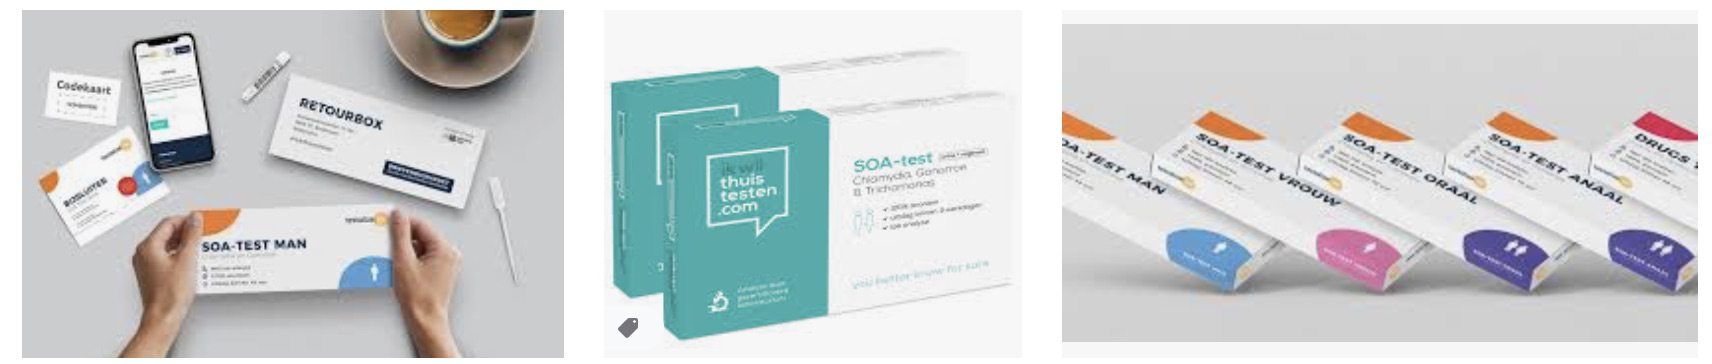 Wanneer een SOA test uitvoeren en hoe verloopt die?